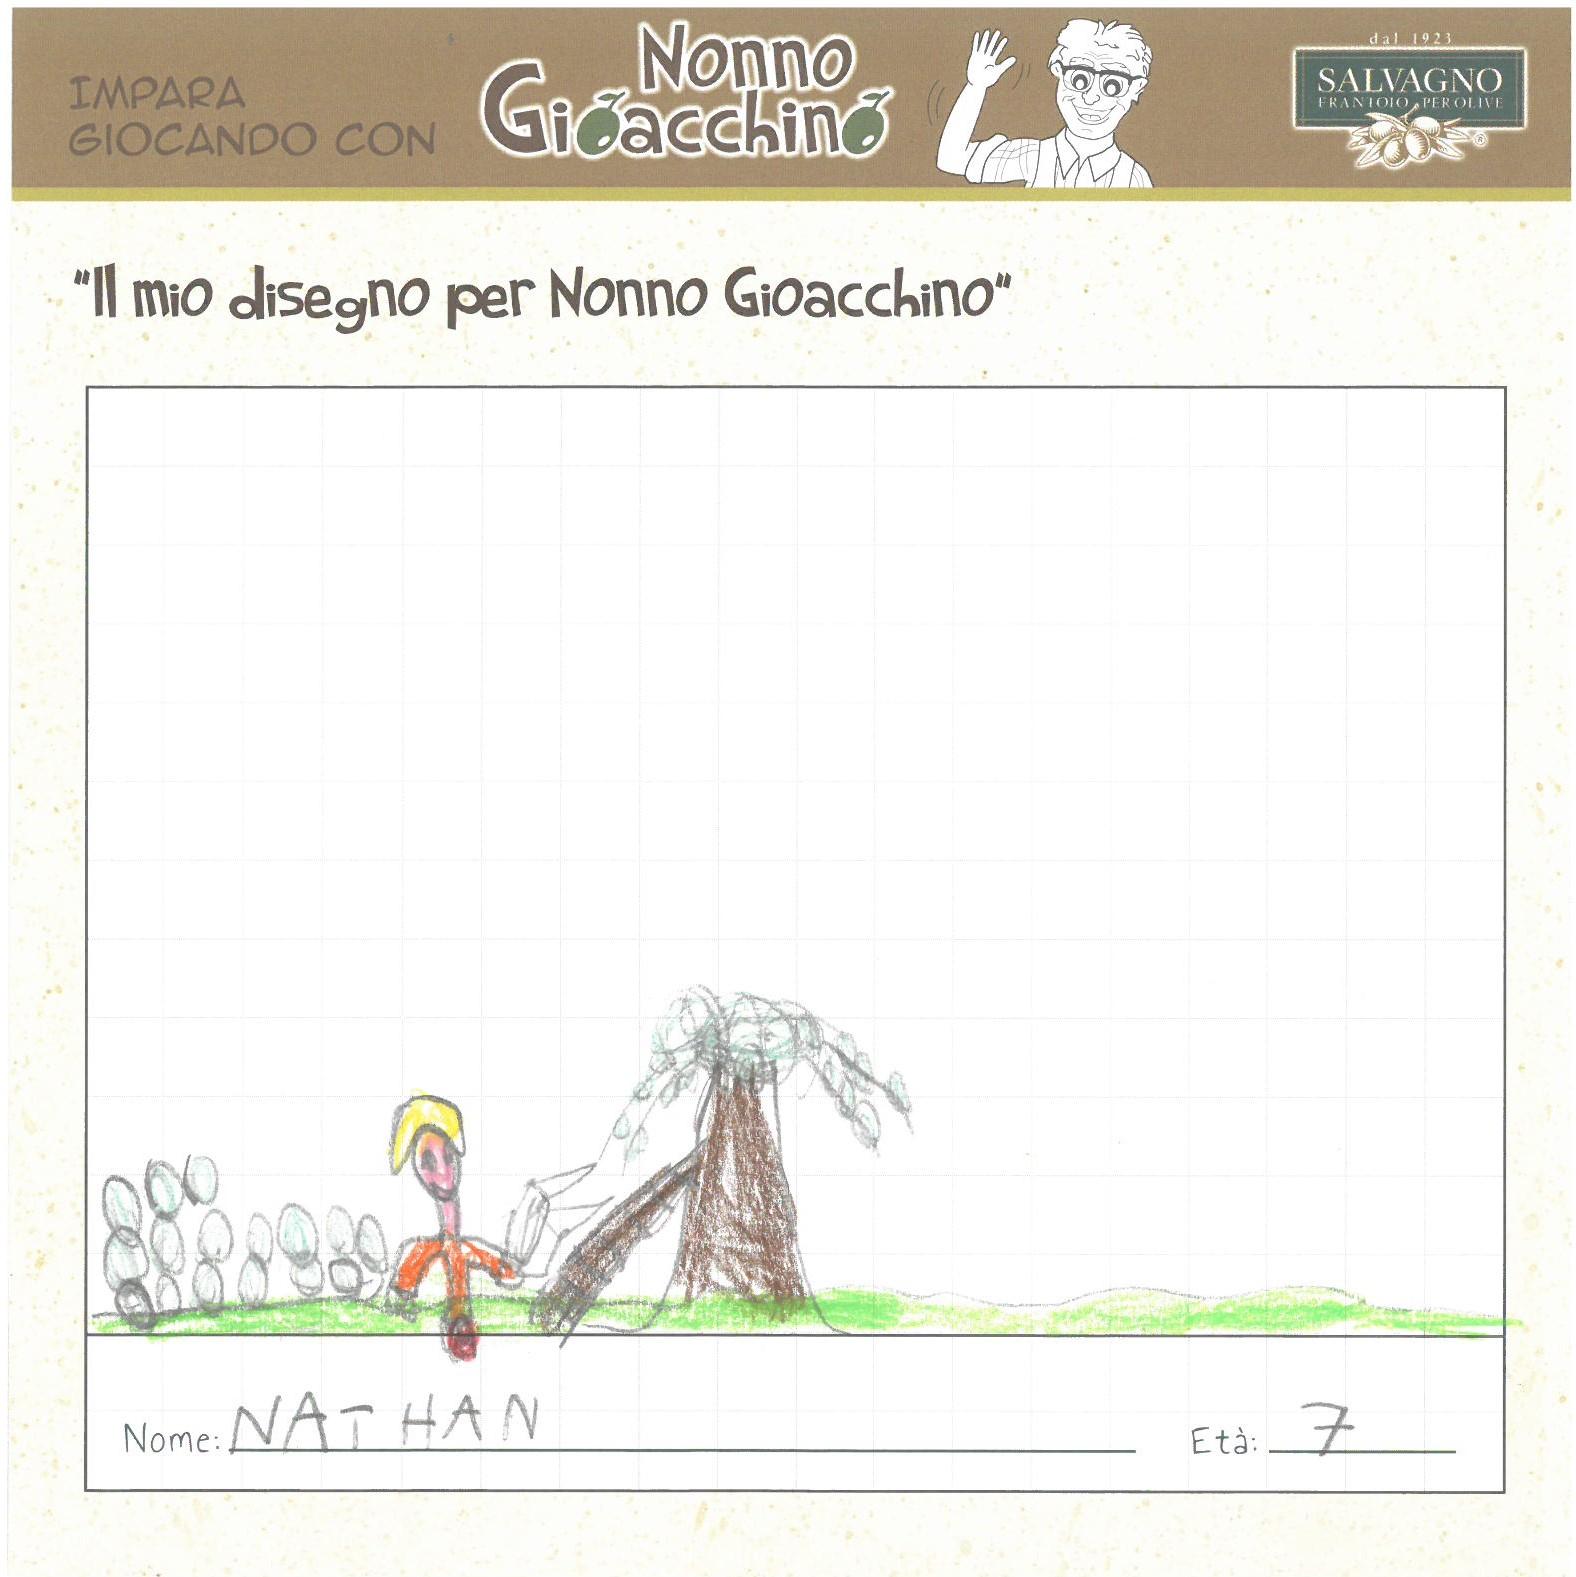 NATHAN 7